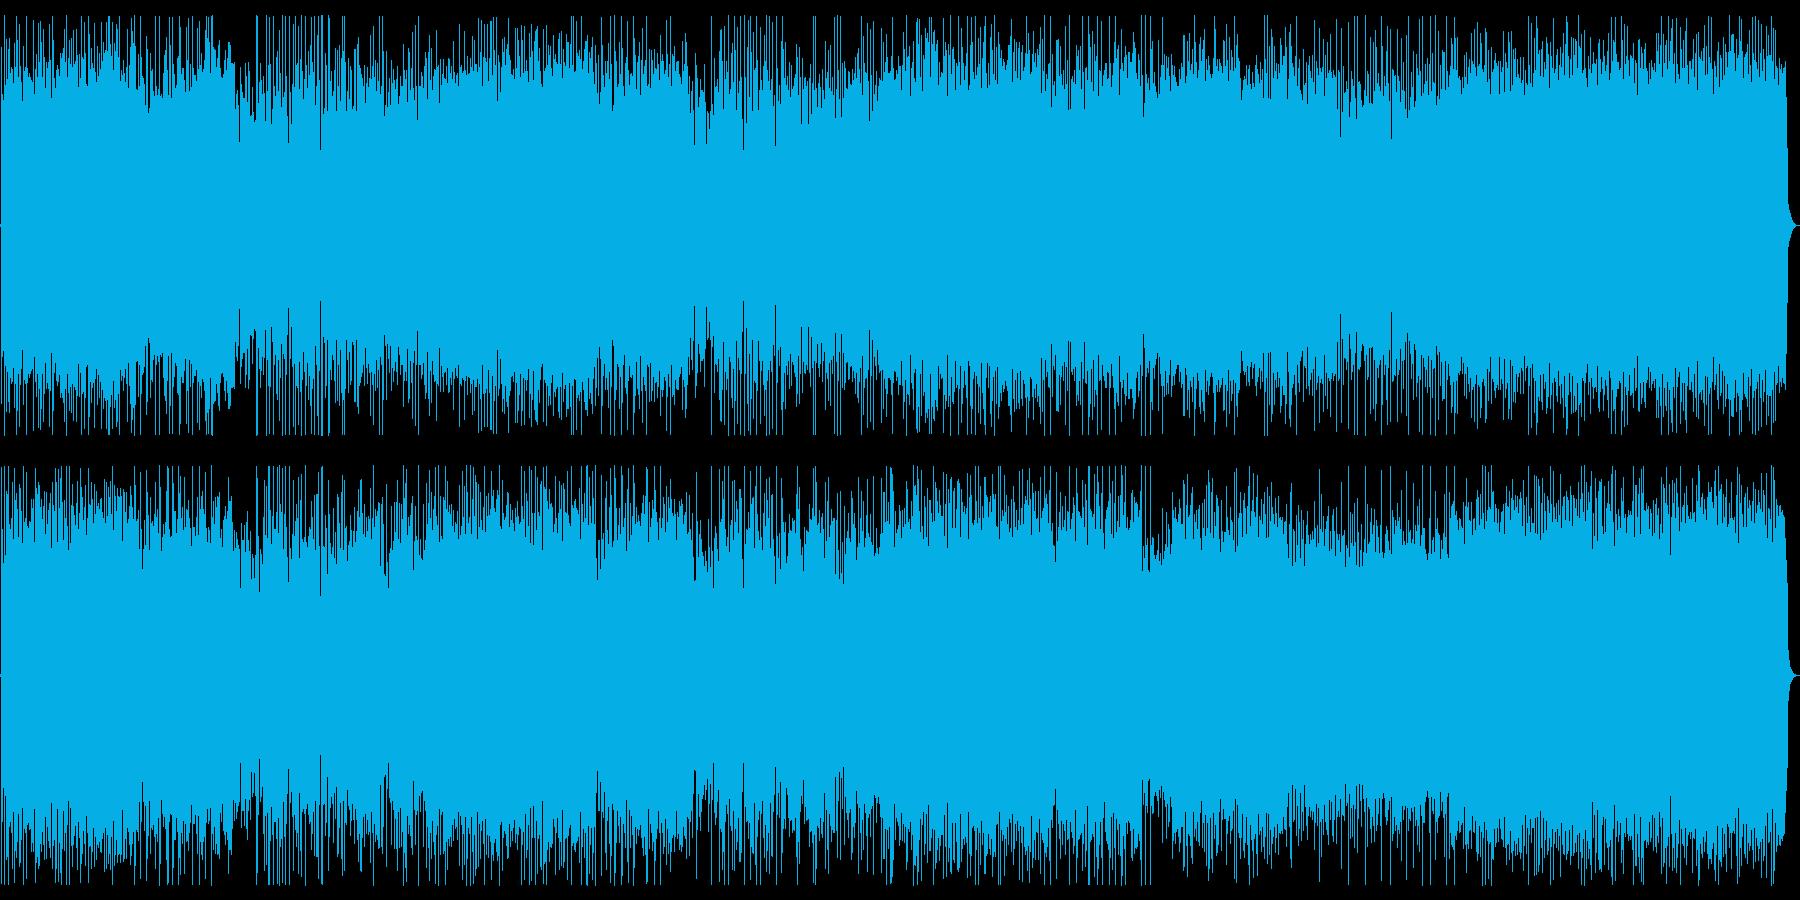 ちょっと不気味さもあるハードなインストの再生済みの波形